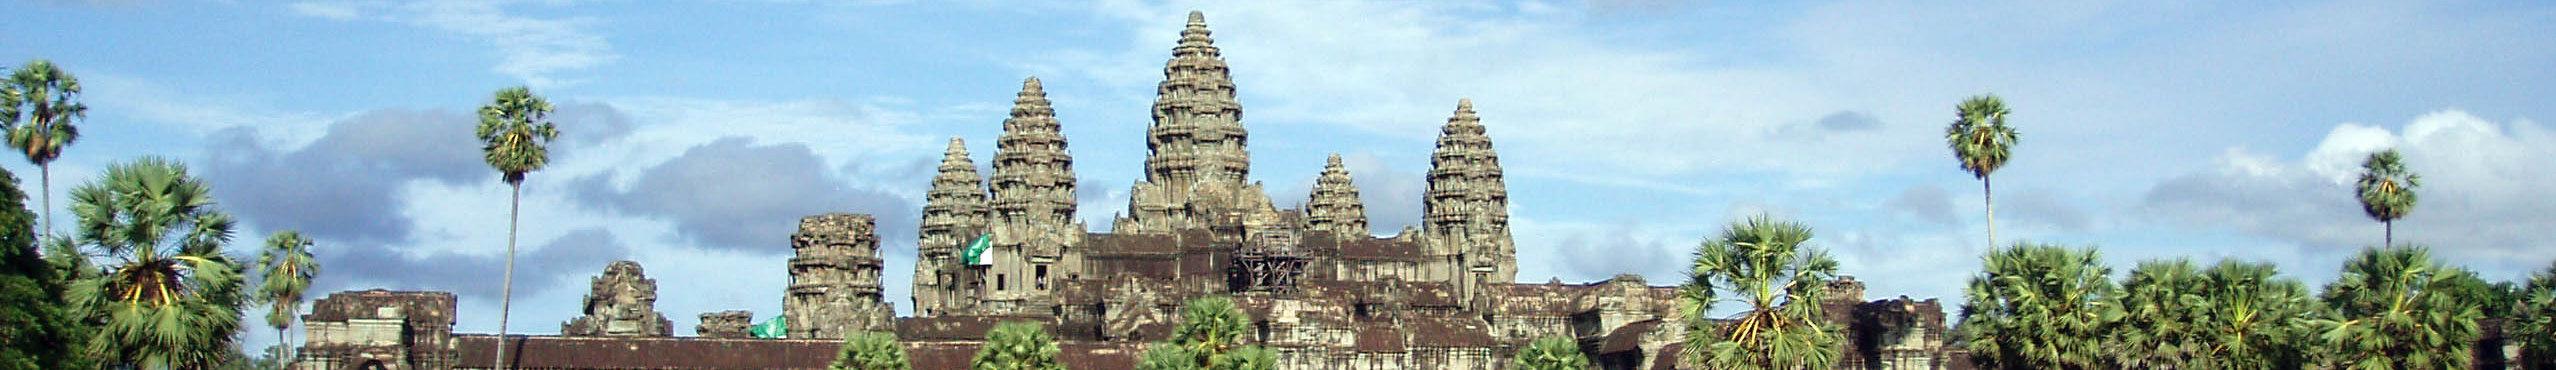 File:Angkor Archaeological Park Banner (Angkor Wat).jpg ...